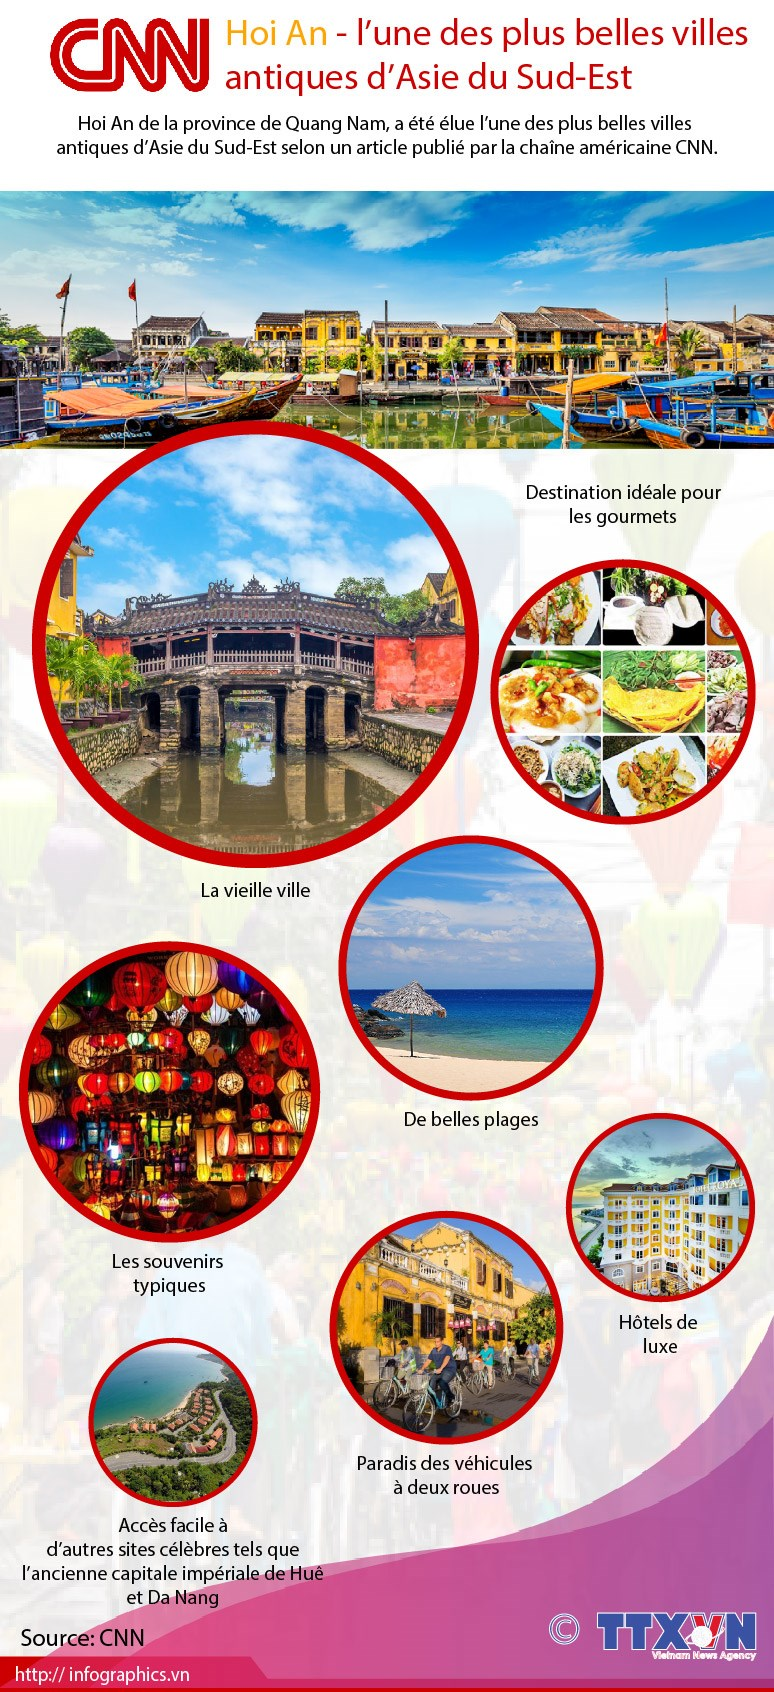 Hoi An - l'une des plus belles villes antiques d'Asie du Sud-Est hinh anh 1